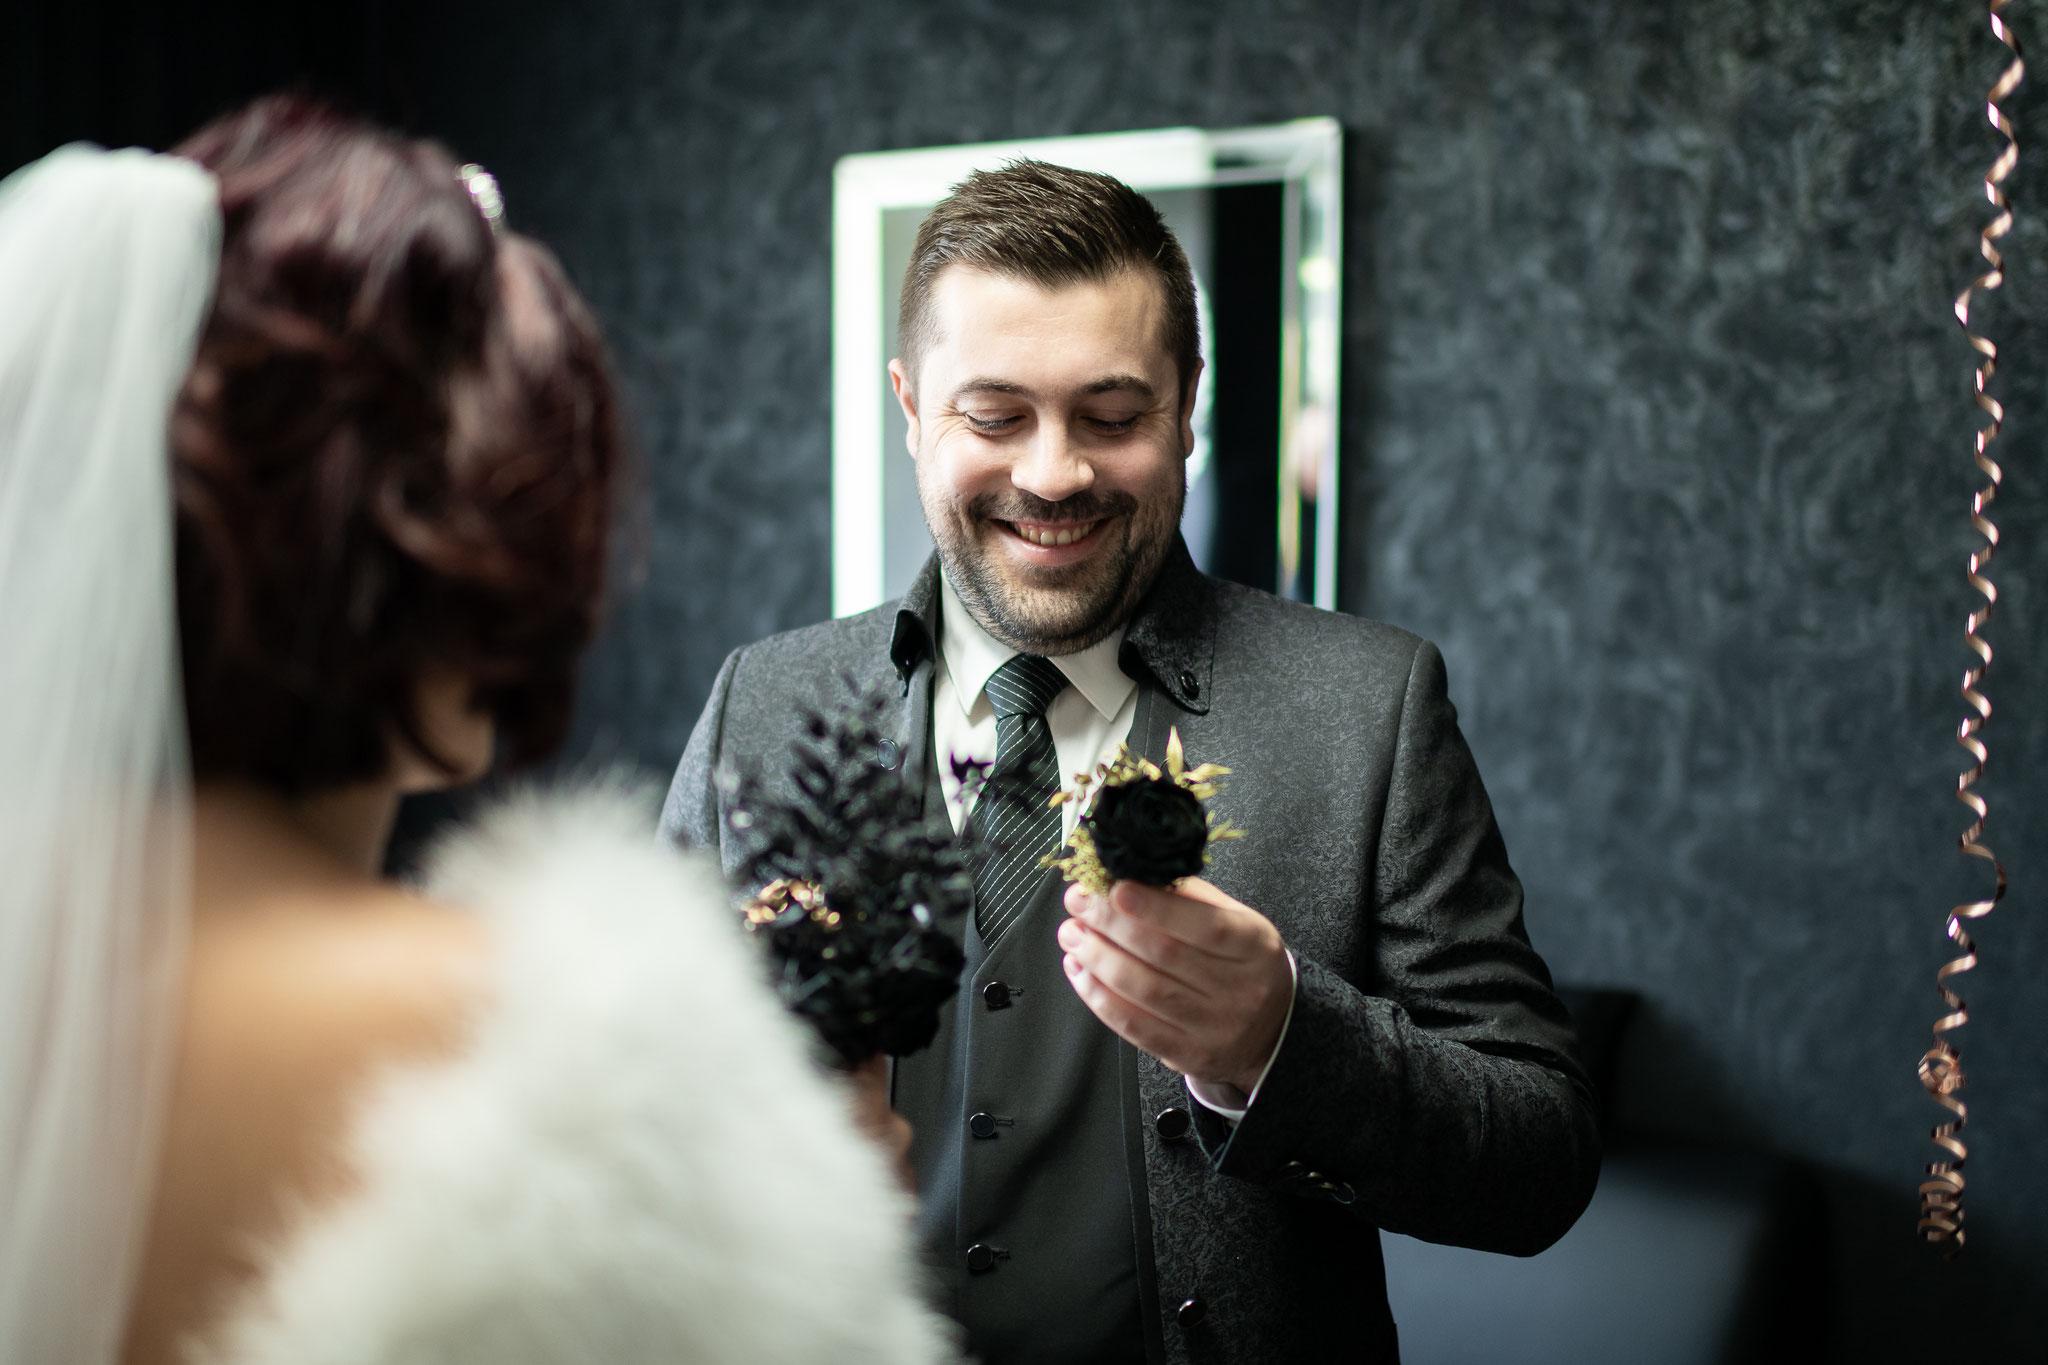 Hochzeit in Düsseldorf - fotografische Begleitung über den ganzen Tag hinaus